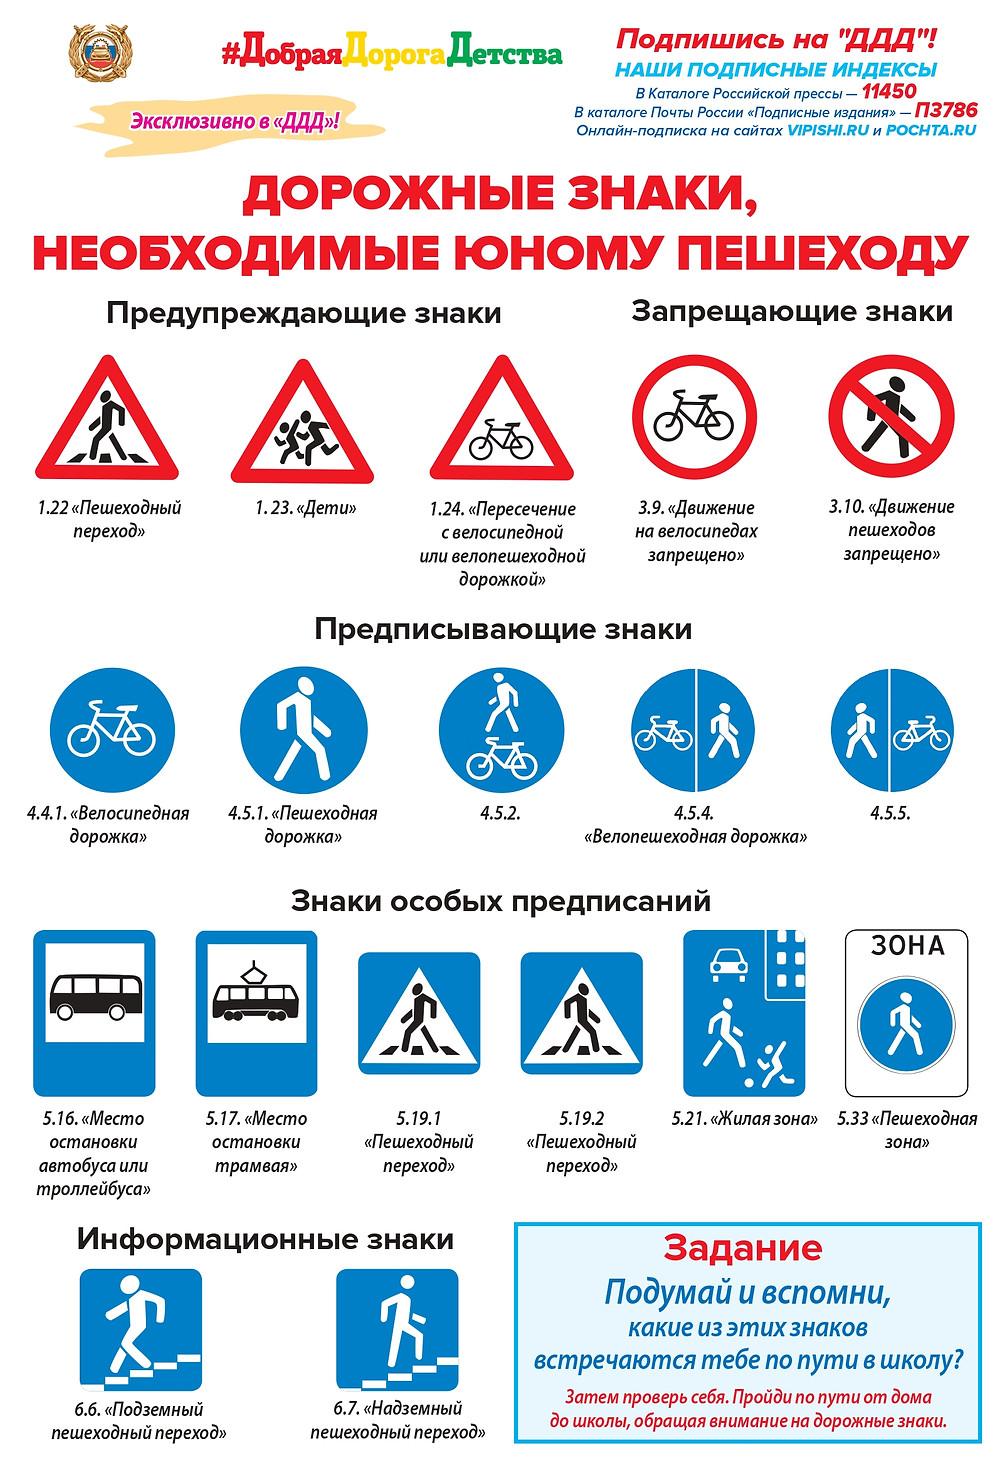 Дорожные знаки, необходимые юному пешеходу